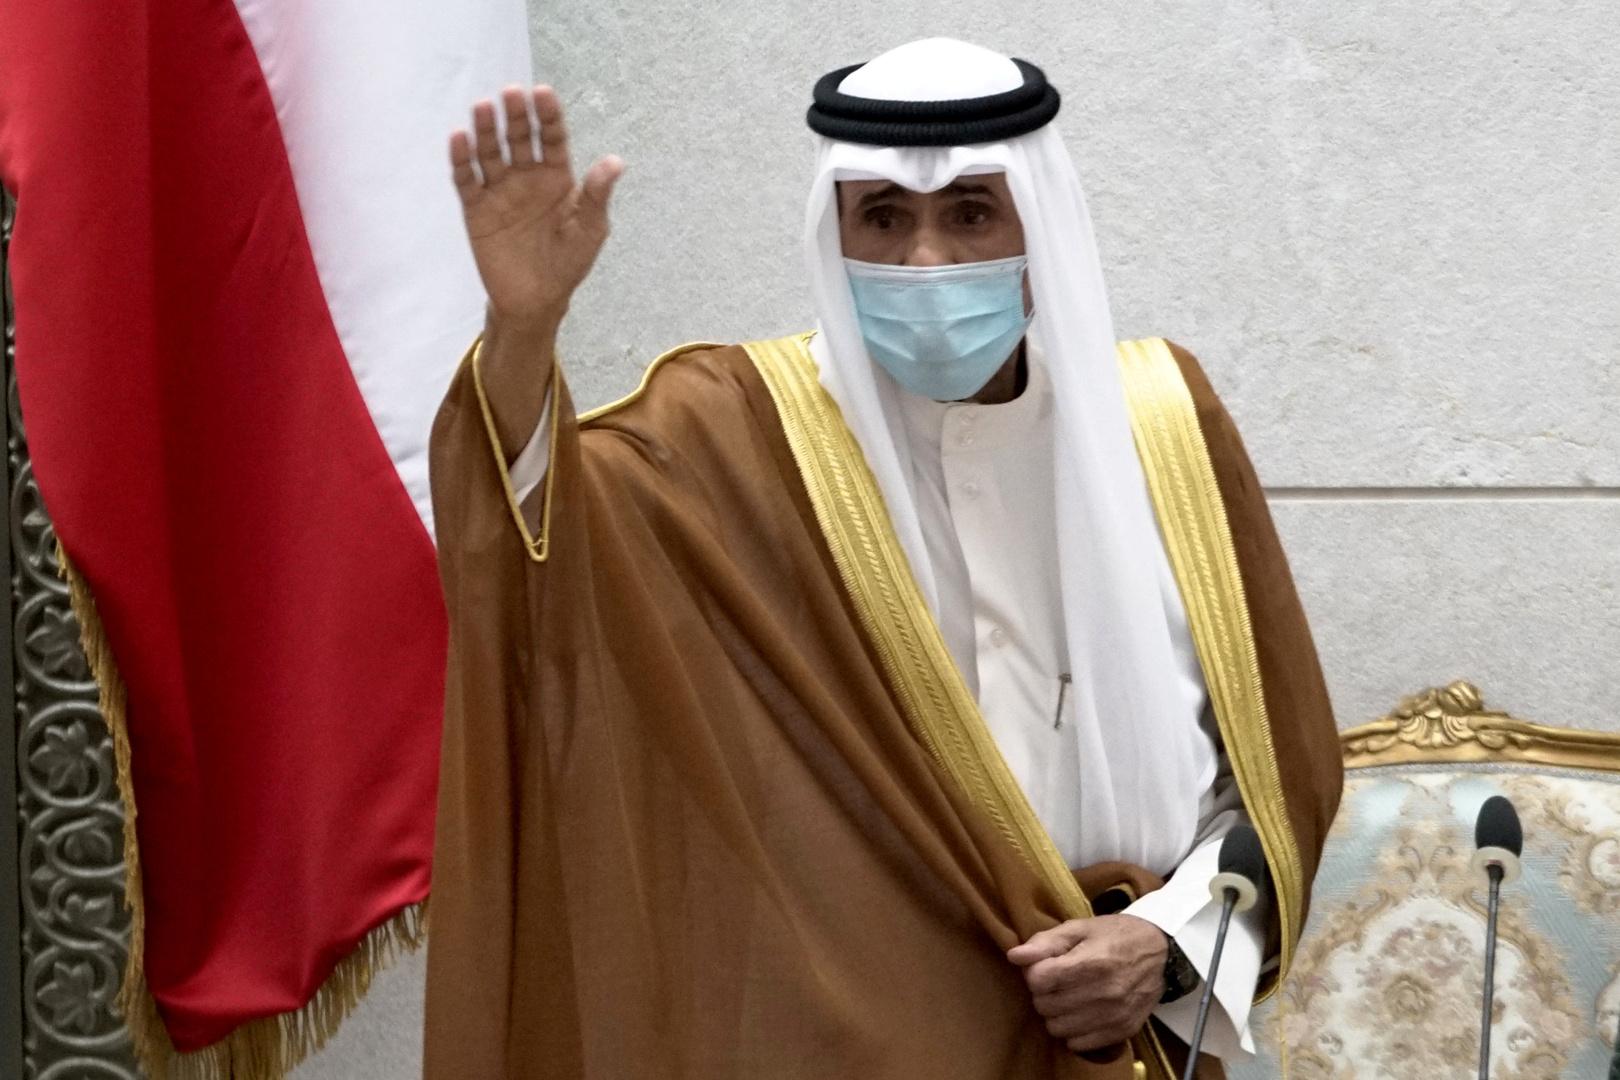 أمير الكويت يصدر مرسوما بالموافقة على الحكومة الجديدة